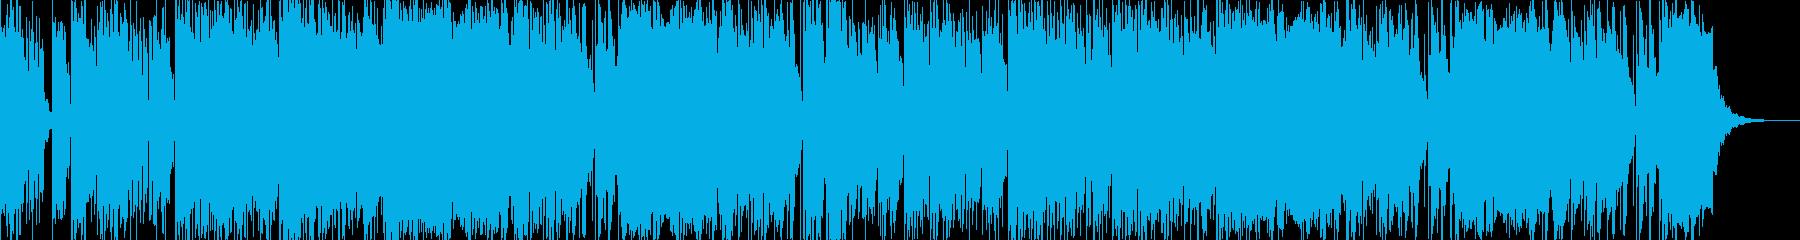 ゆったりしたローファイなHiphopの再生済みの波形